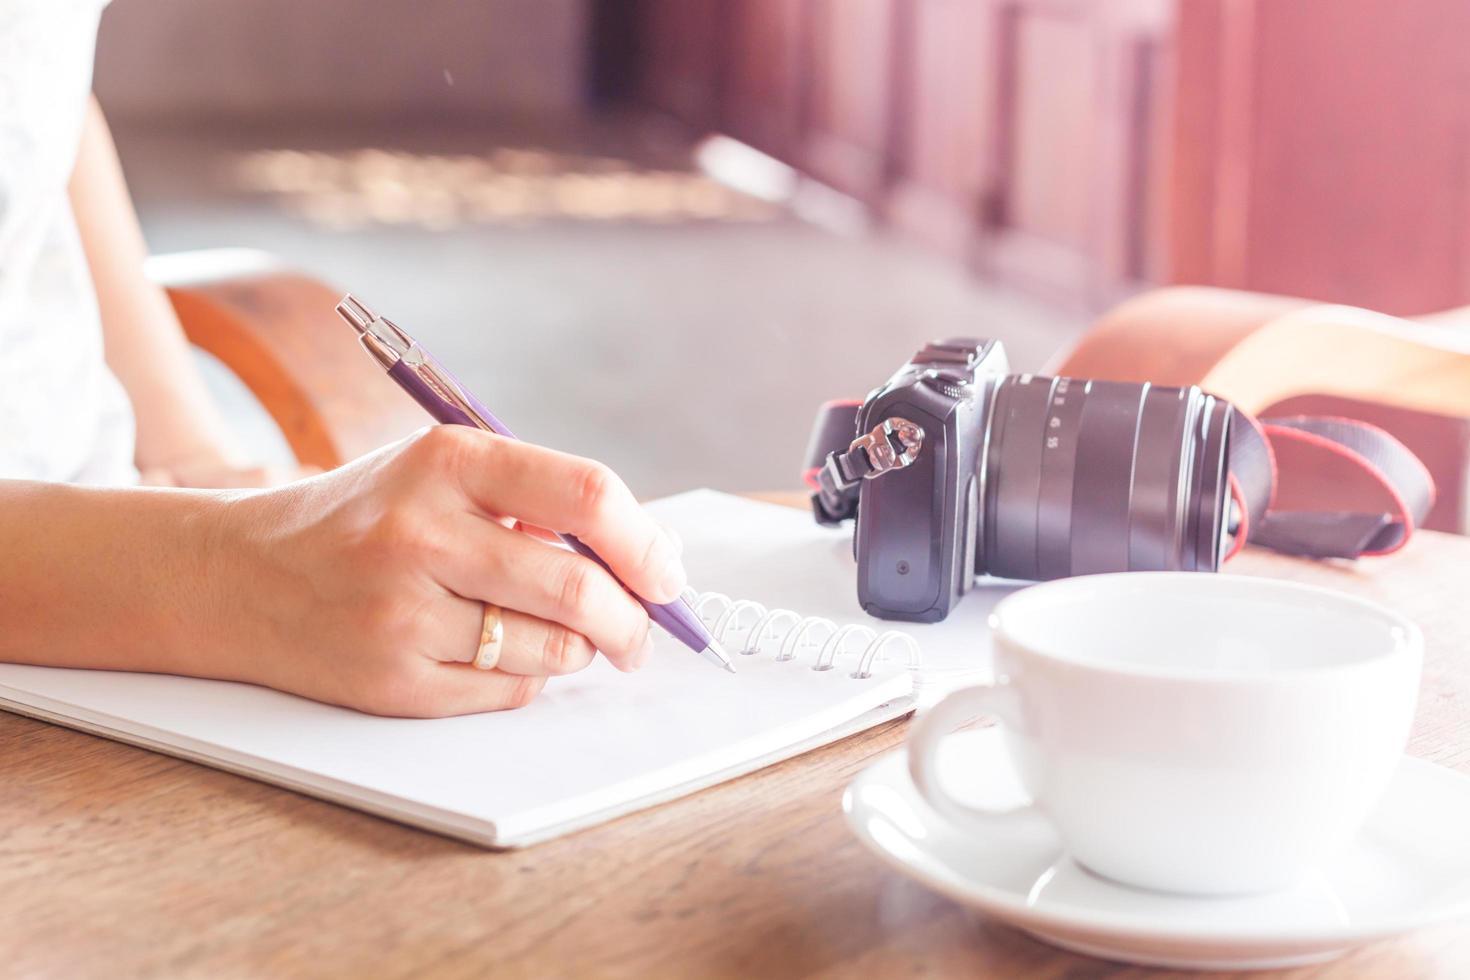 Mujer escribiendo en un cuaderno con una cámara y un café sobre una mesa foto